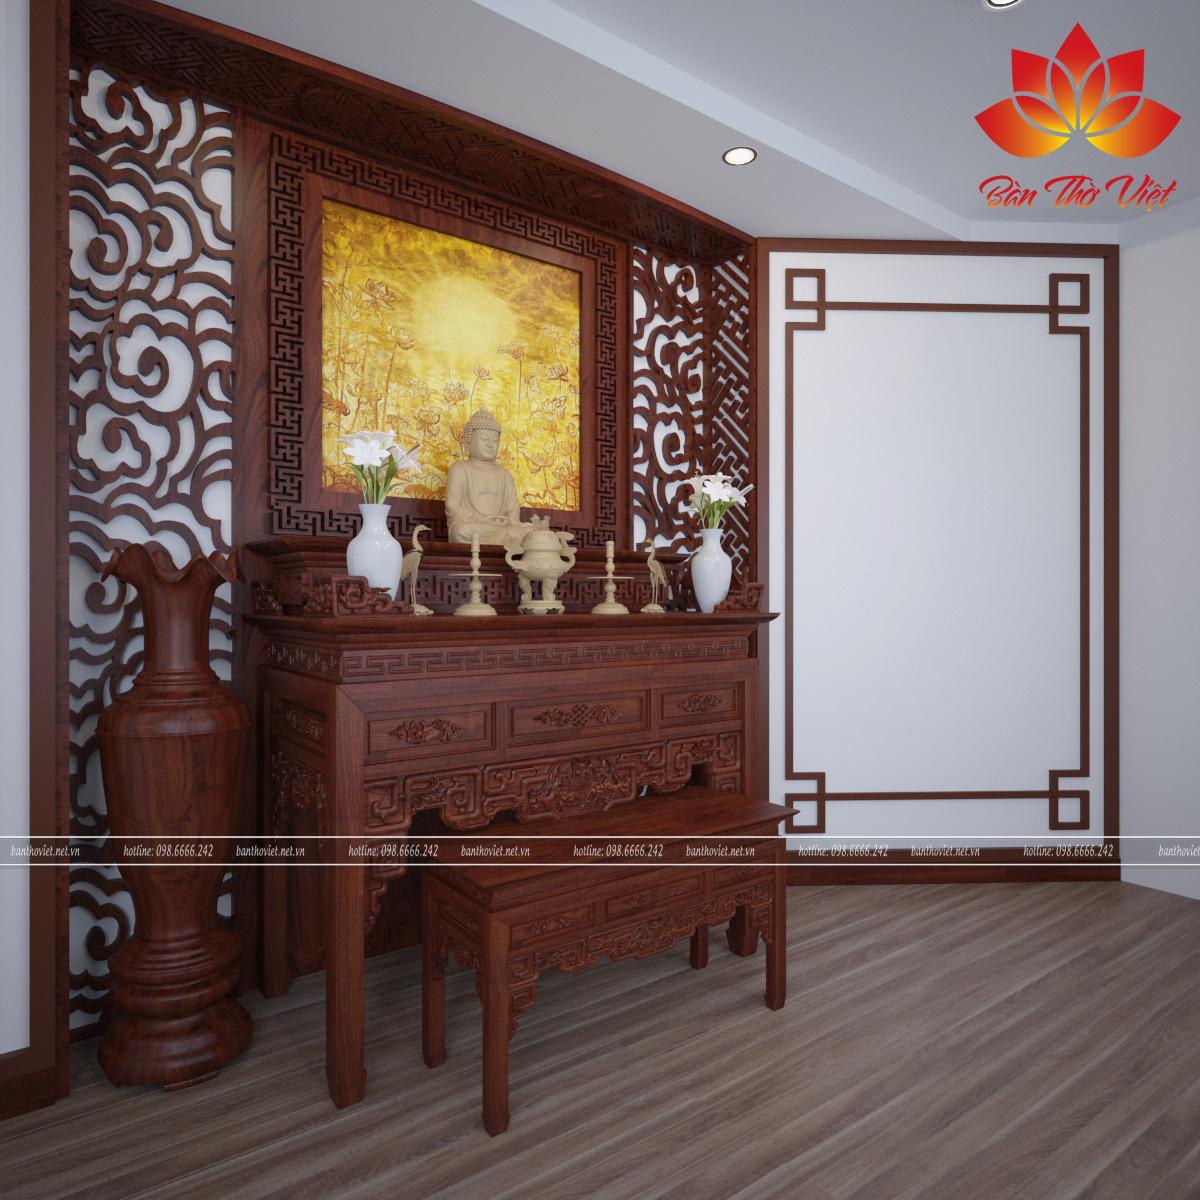 Bàn thờ Việt là địa chỉ uy tín cho nhu cầu tìm hiểu phòng thờ ở Ba Đình